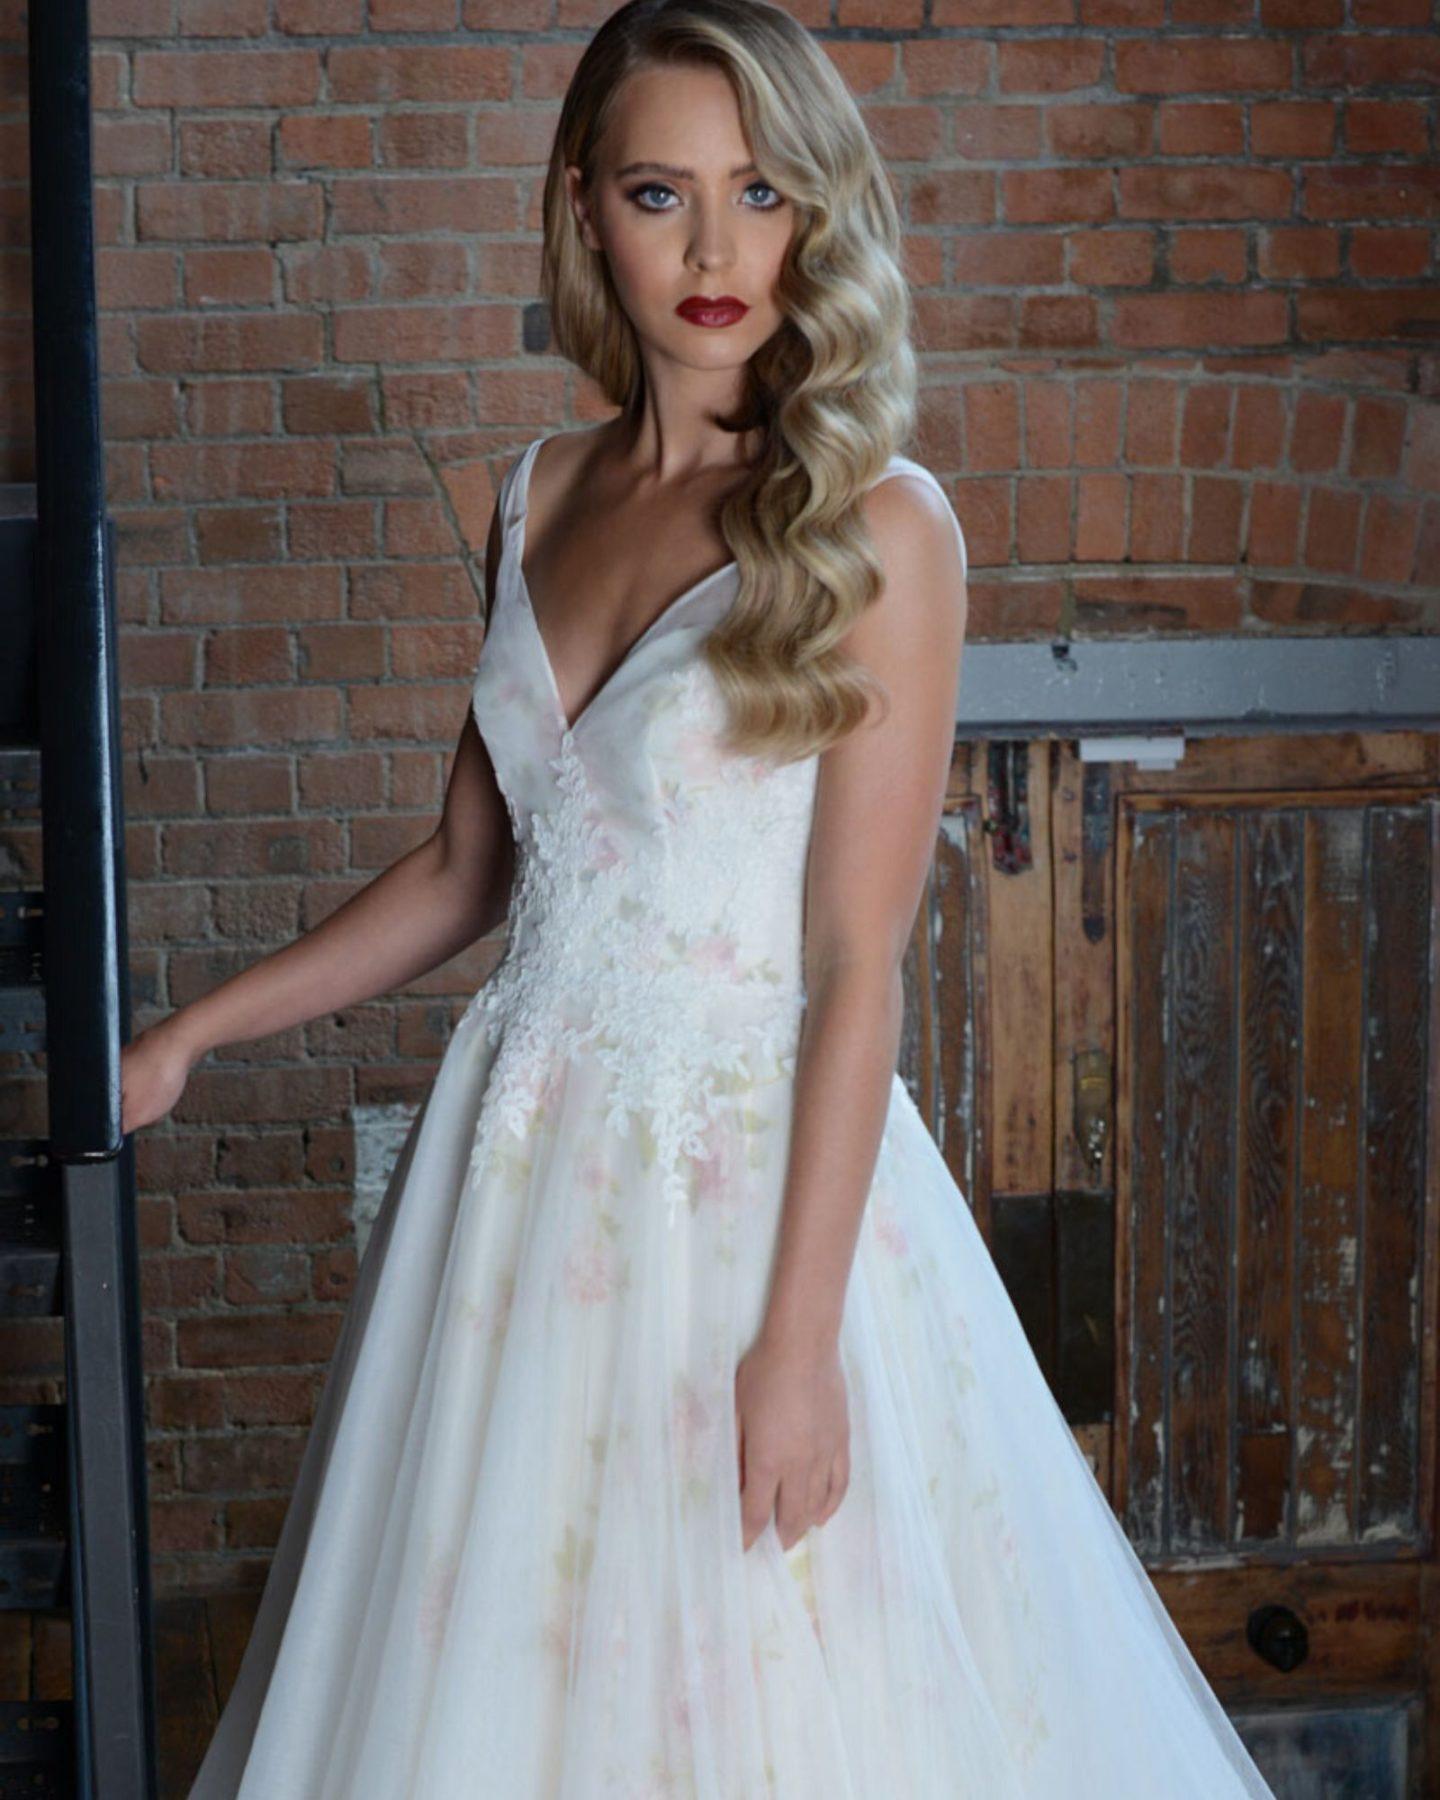 Statement wedding dress by Lois Wild